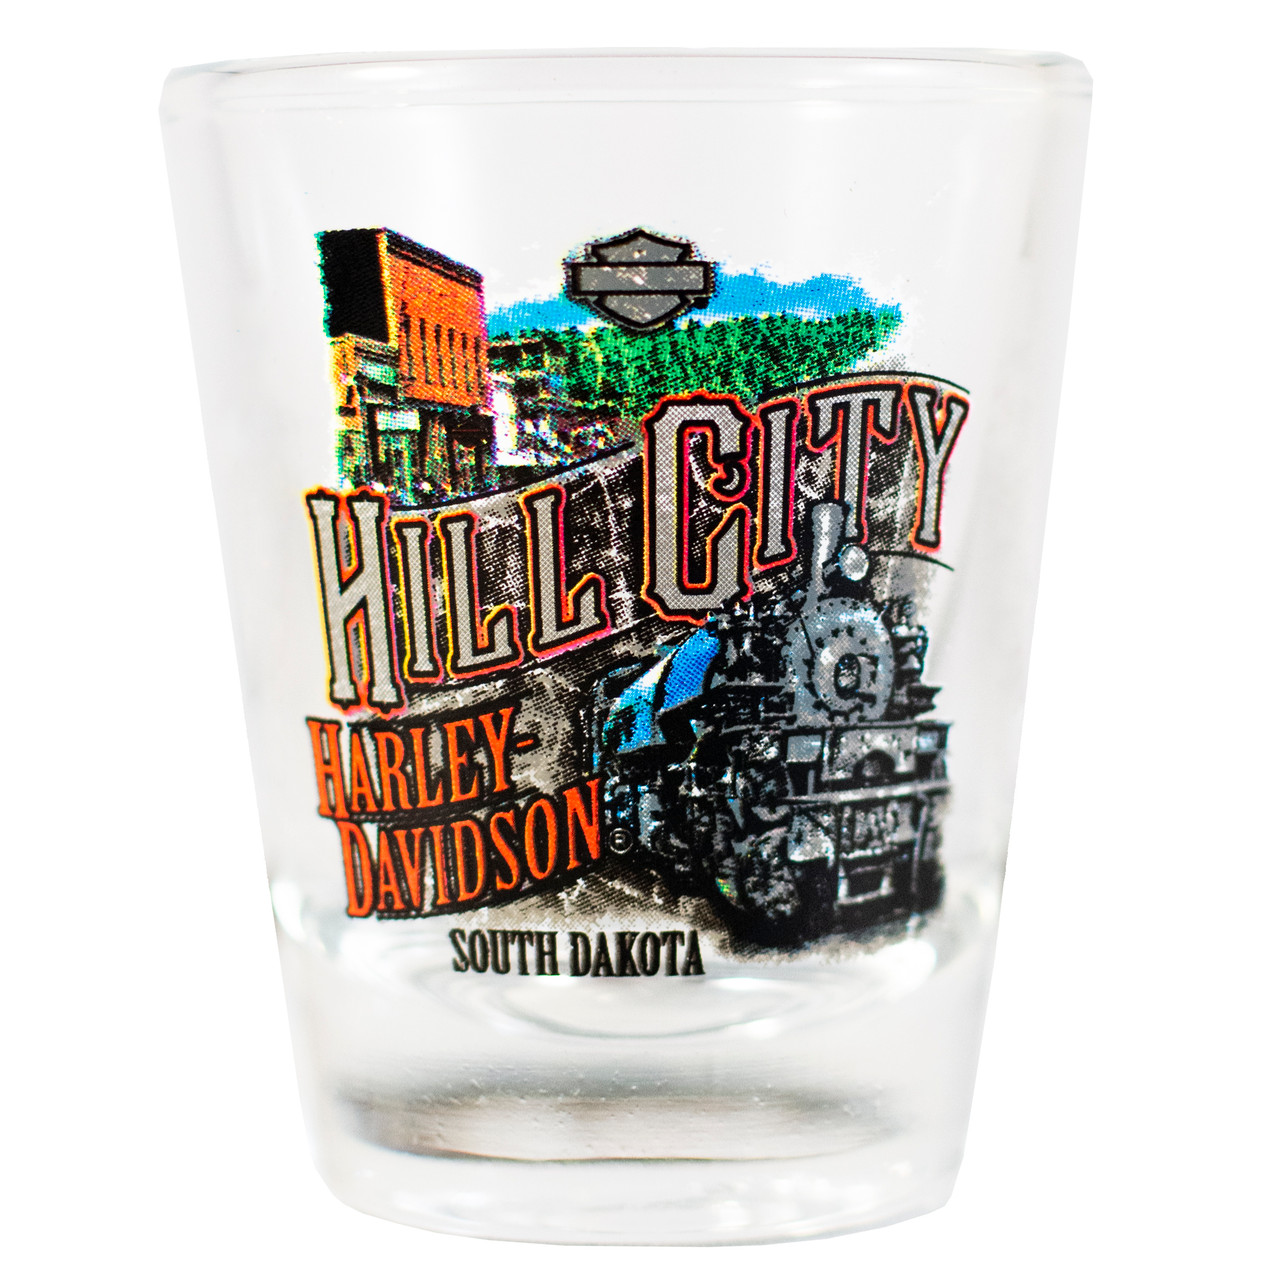 Hill City Harley-Davidson Vintage Collage Short Shot Glass